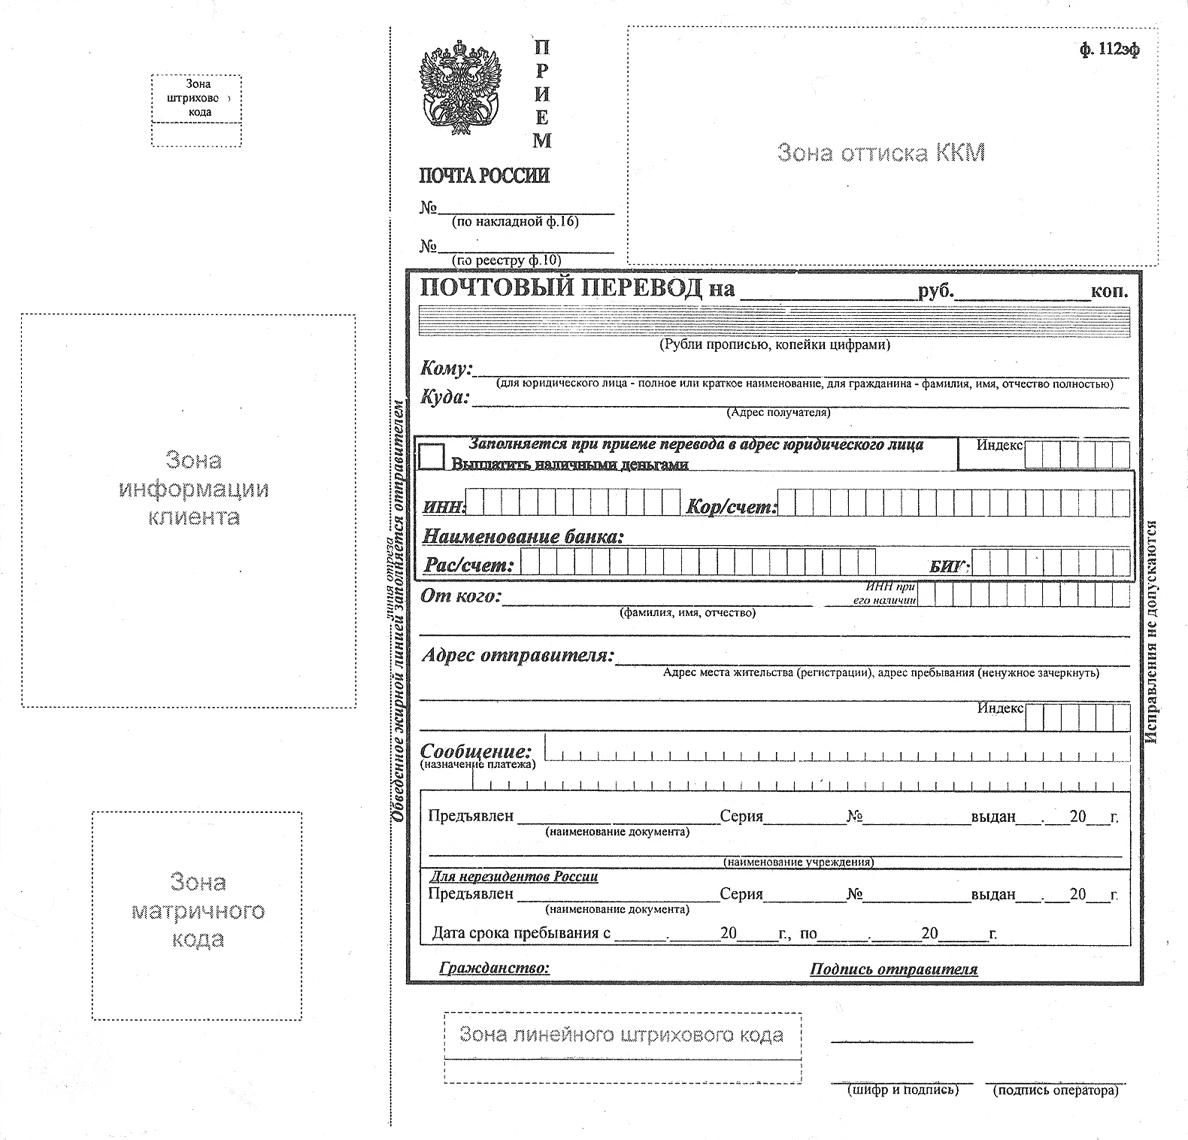 бланк почтового перевода ф.119эп